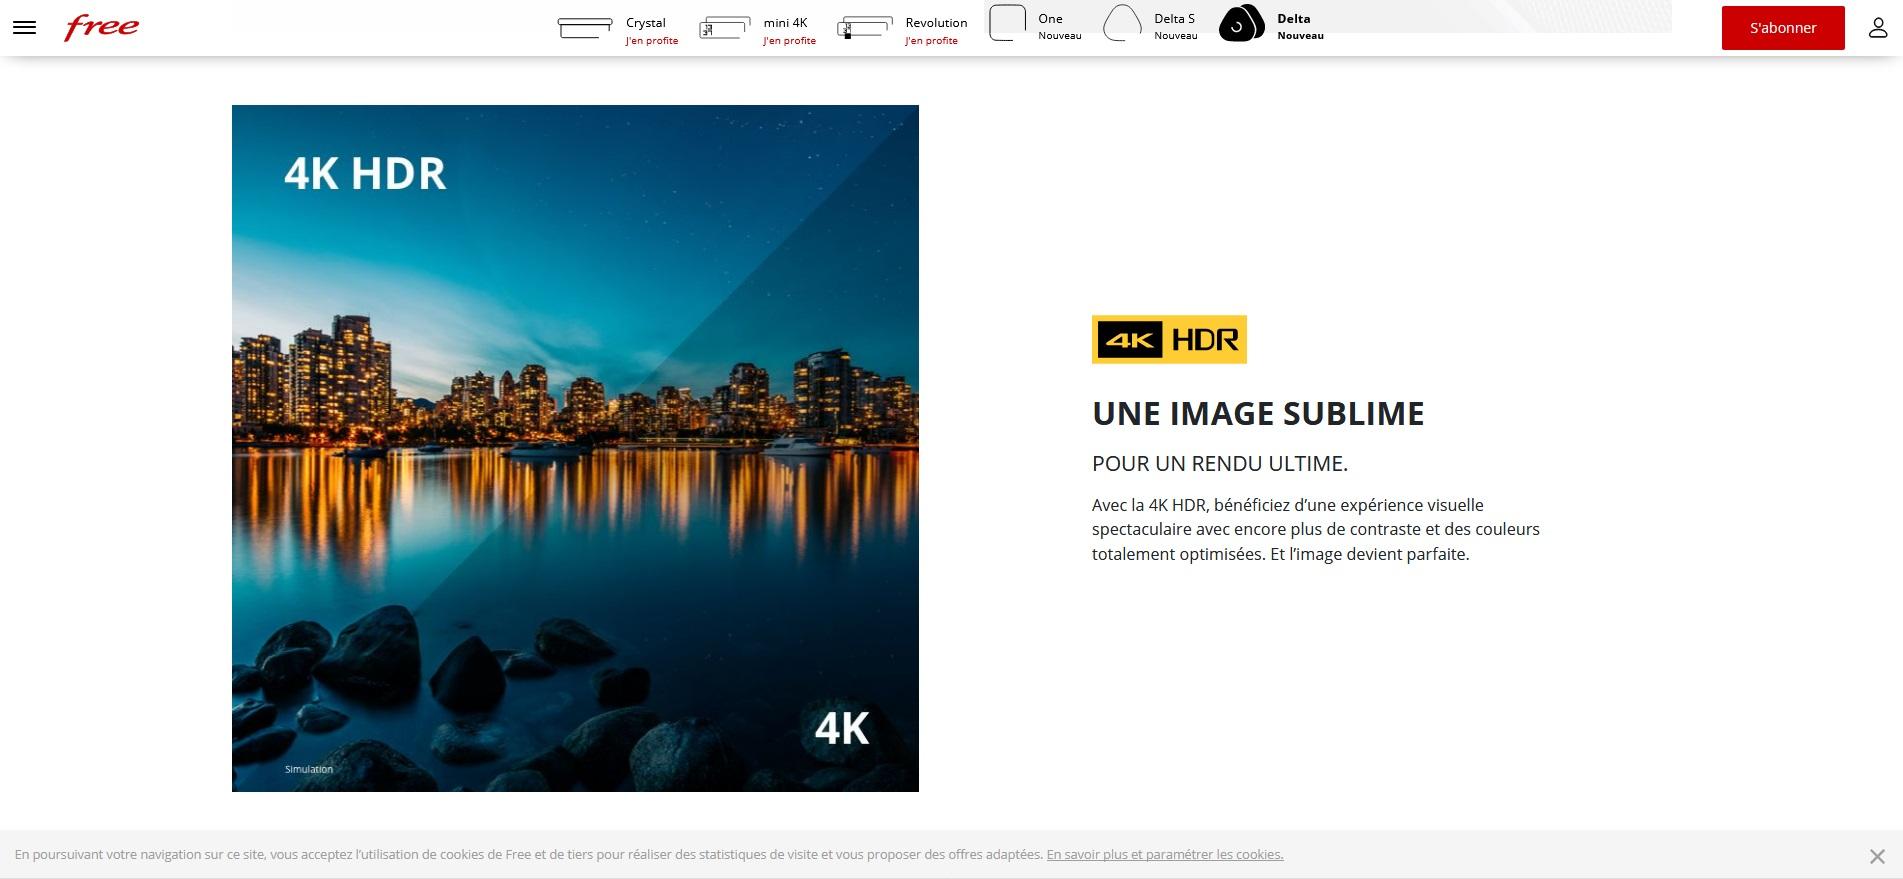 Freebox Delta : des abonnés affirment que la box ne gère pas le 4K HDR sur YouTube ou Netflix